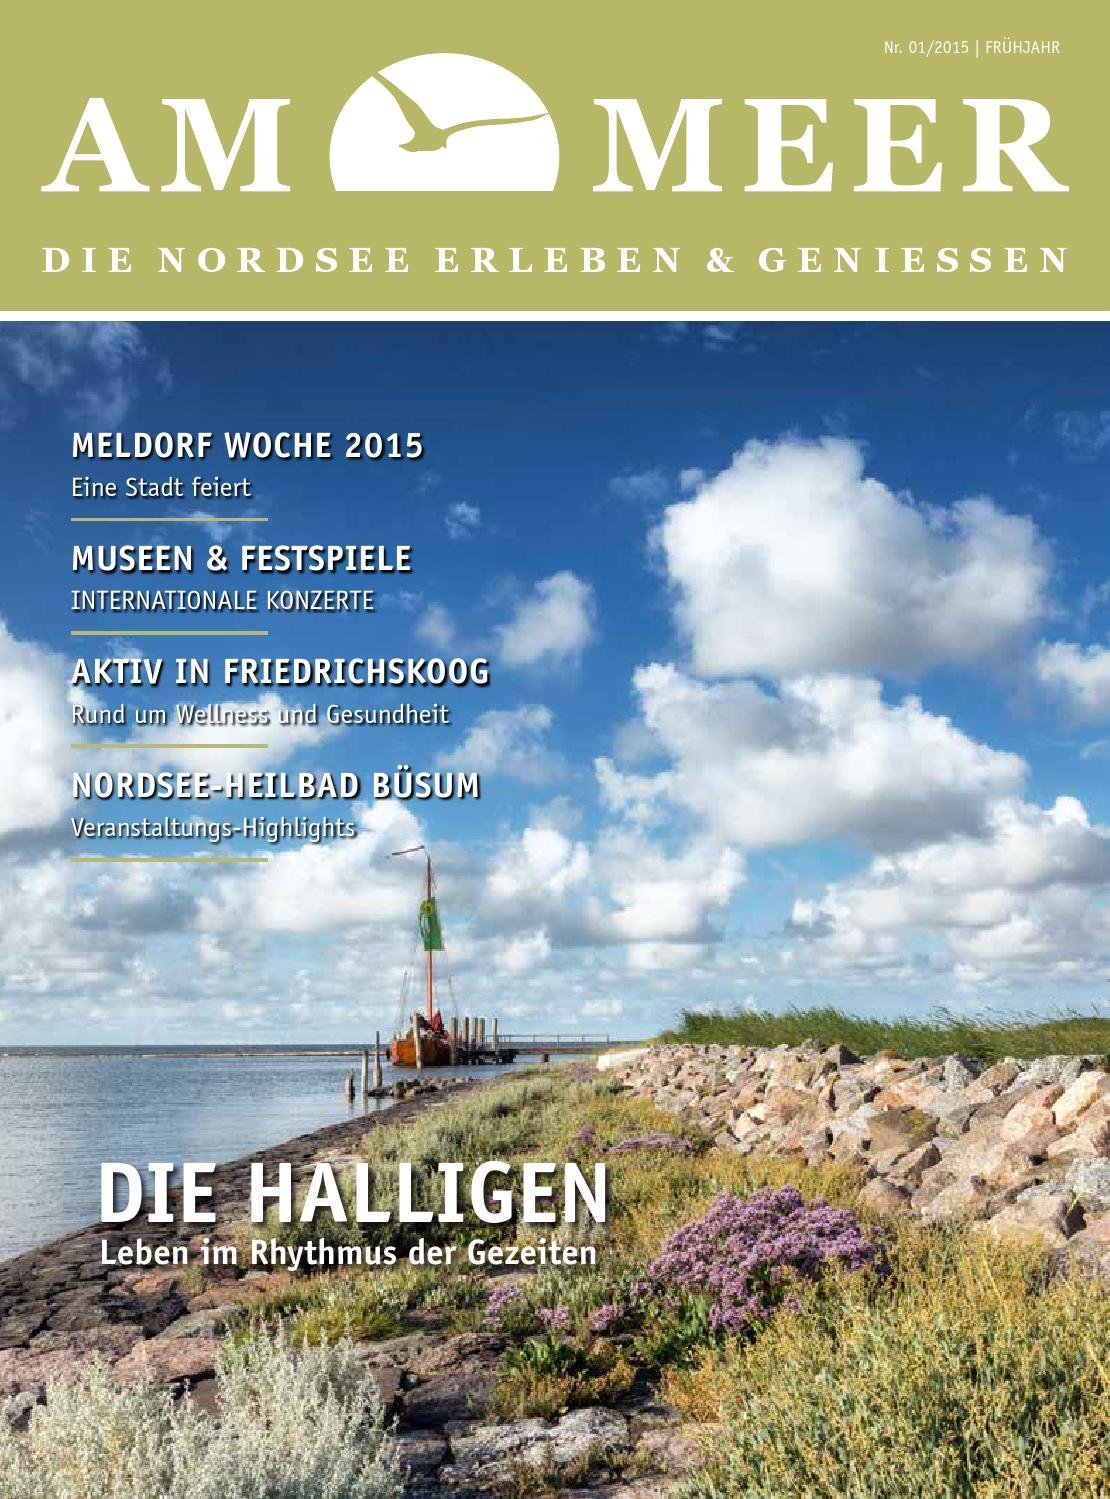 Am meer 01 2015 by anuschka horns issuu for Wohnideen nindorf